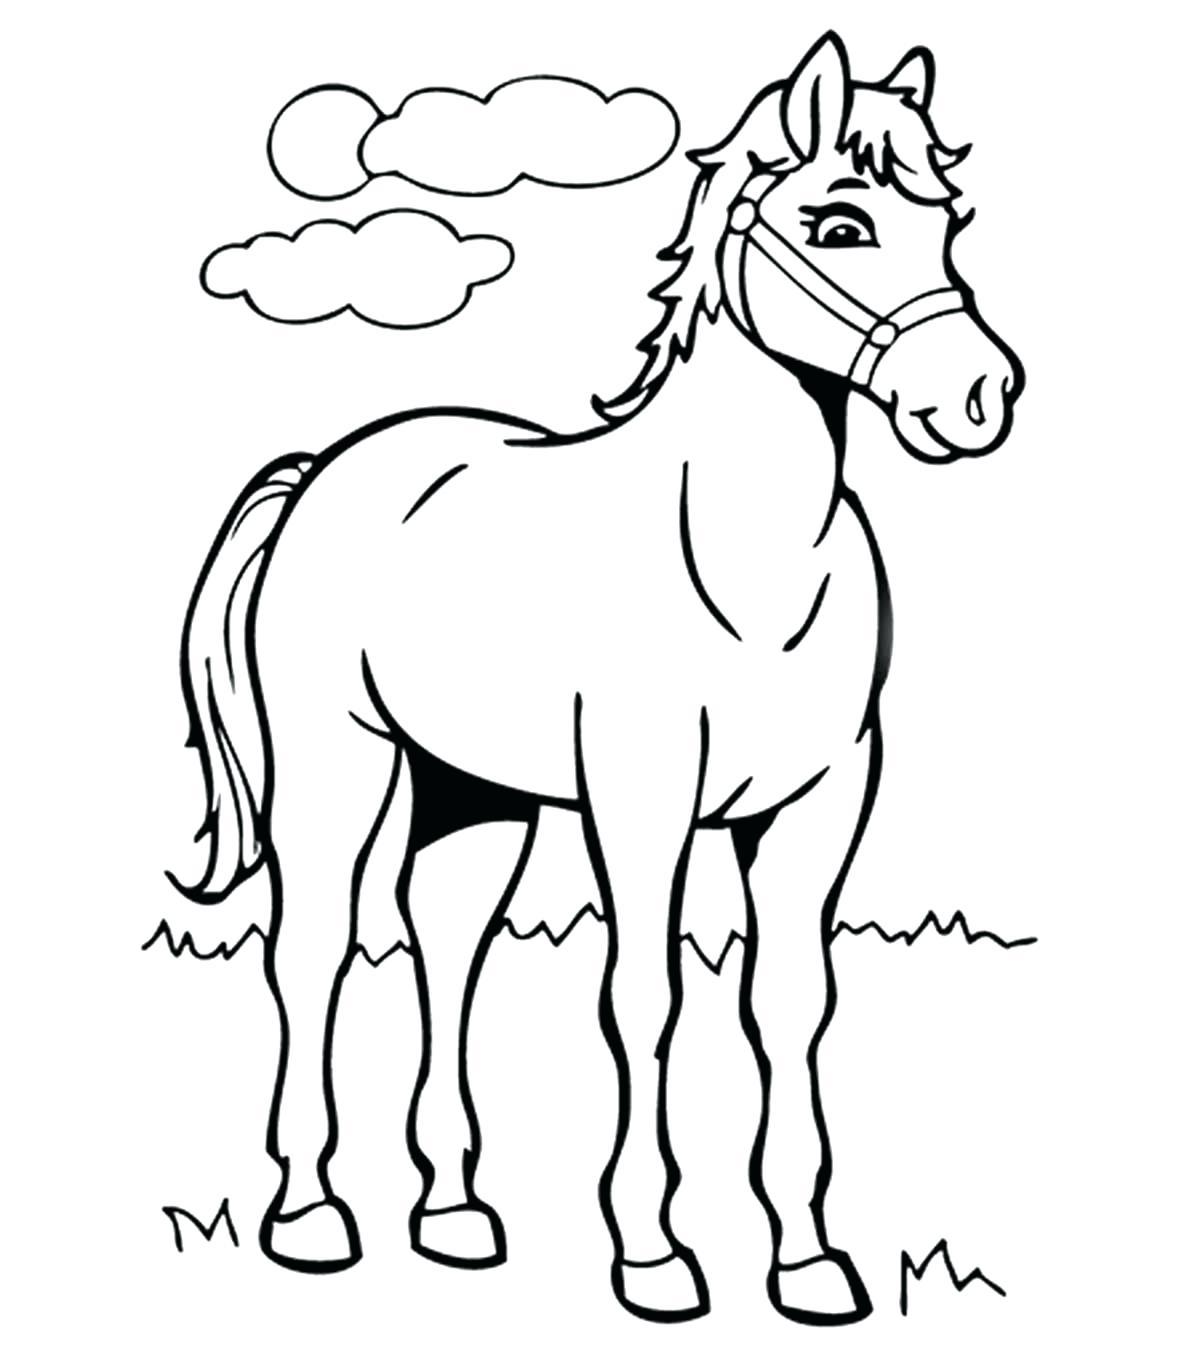 Tranh tô màu con ngựa trưởng thành